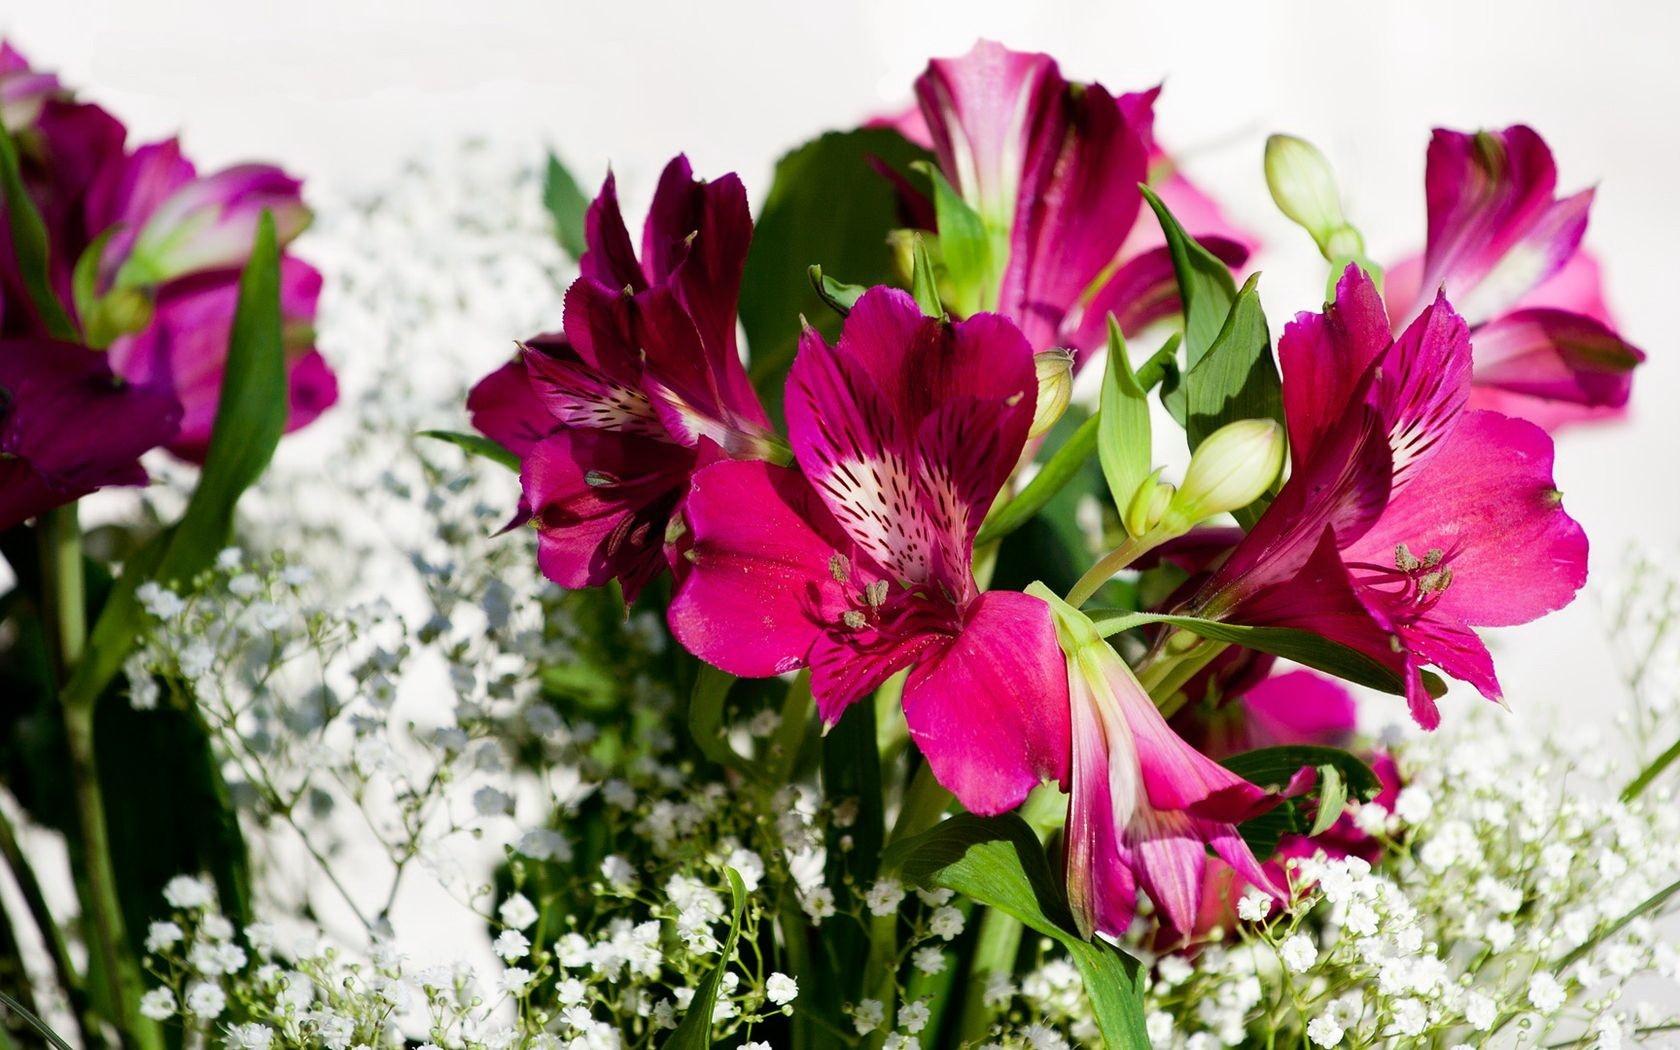 Фото красивые цветы гвоздики лилии тюльпаны